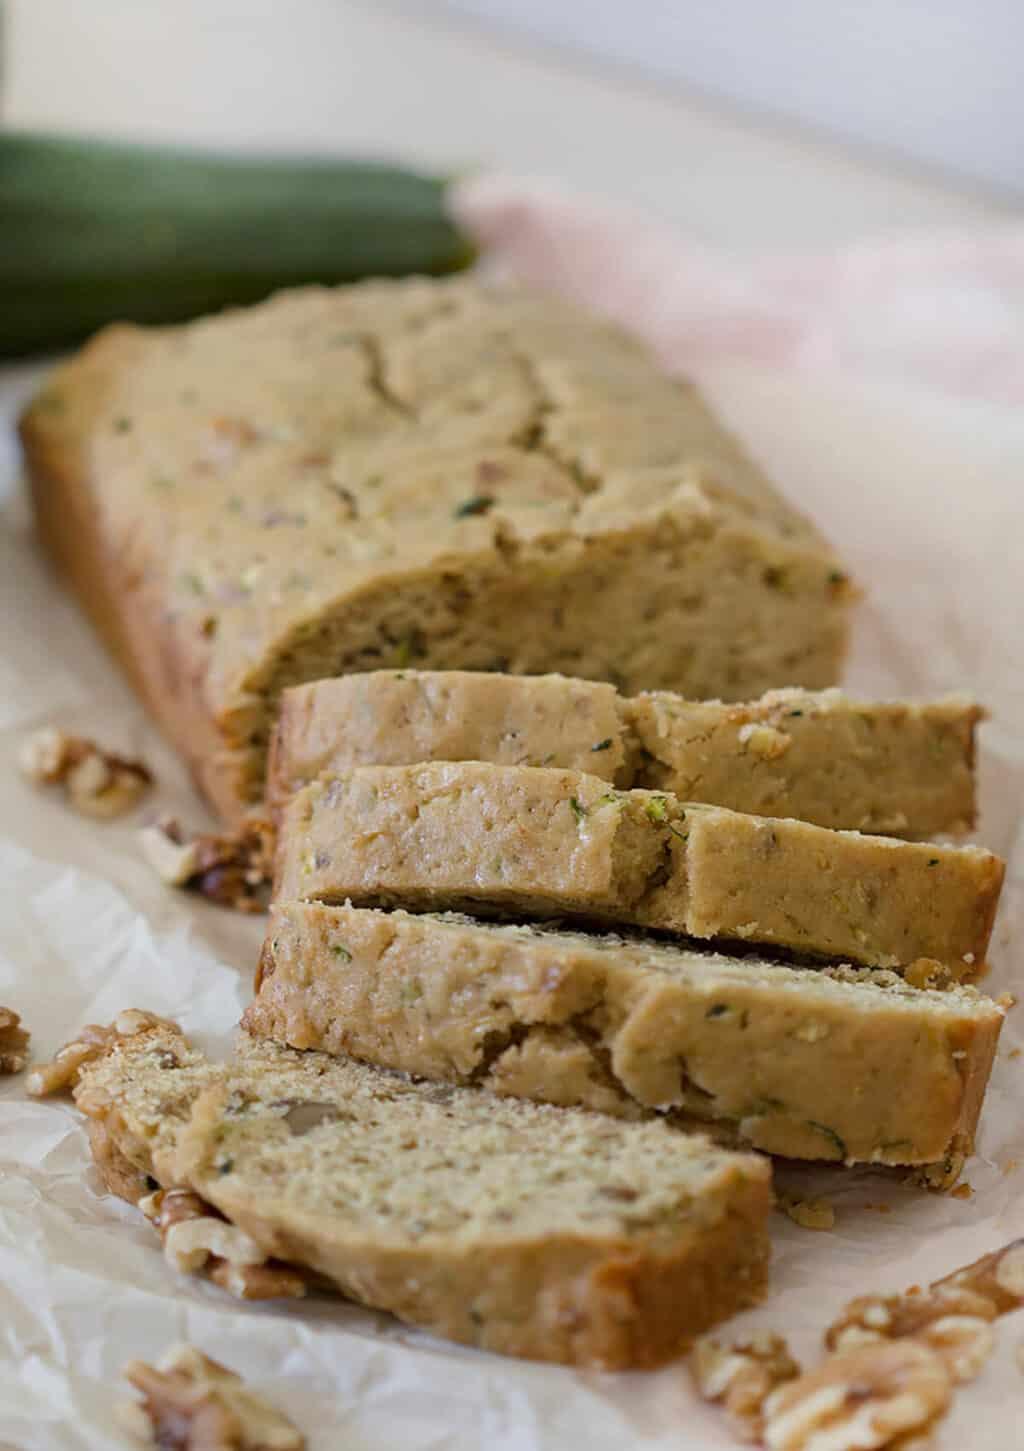 Maple Walnut Zucchini Bread cut into slices.